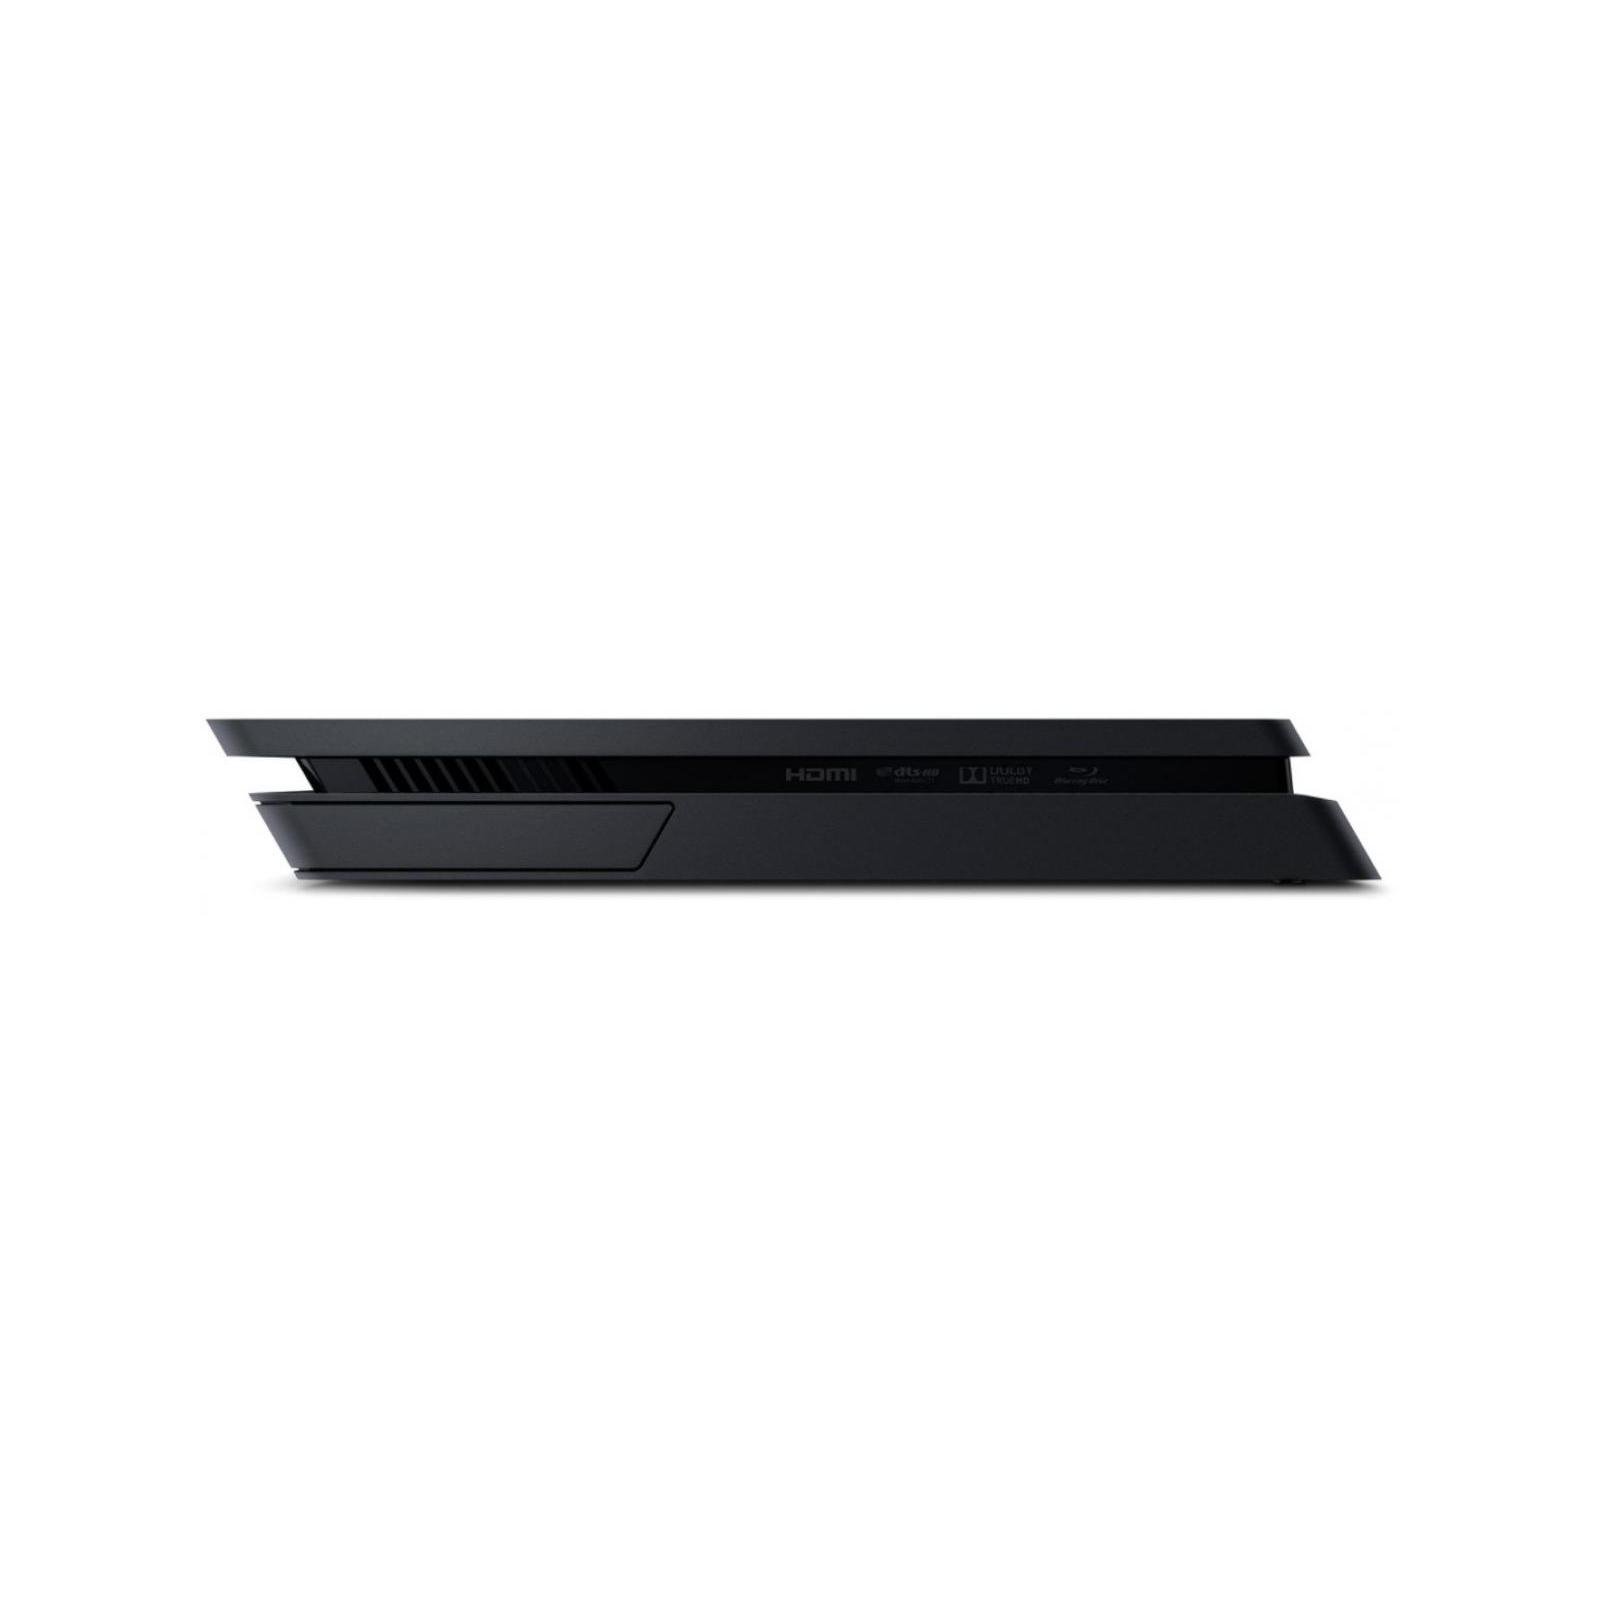 Игровая консоль Sony PlayStation 4 Slim 1Tb Black (God of War) (9385172) изображение 4